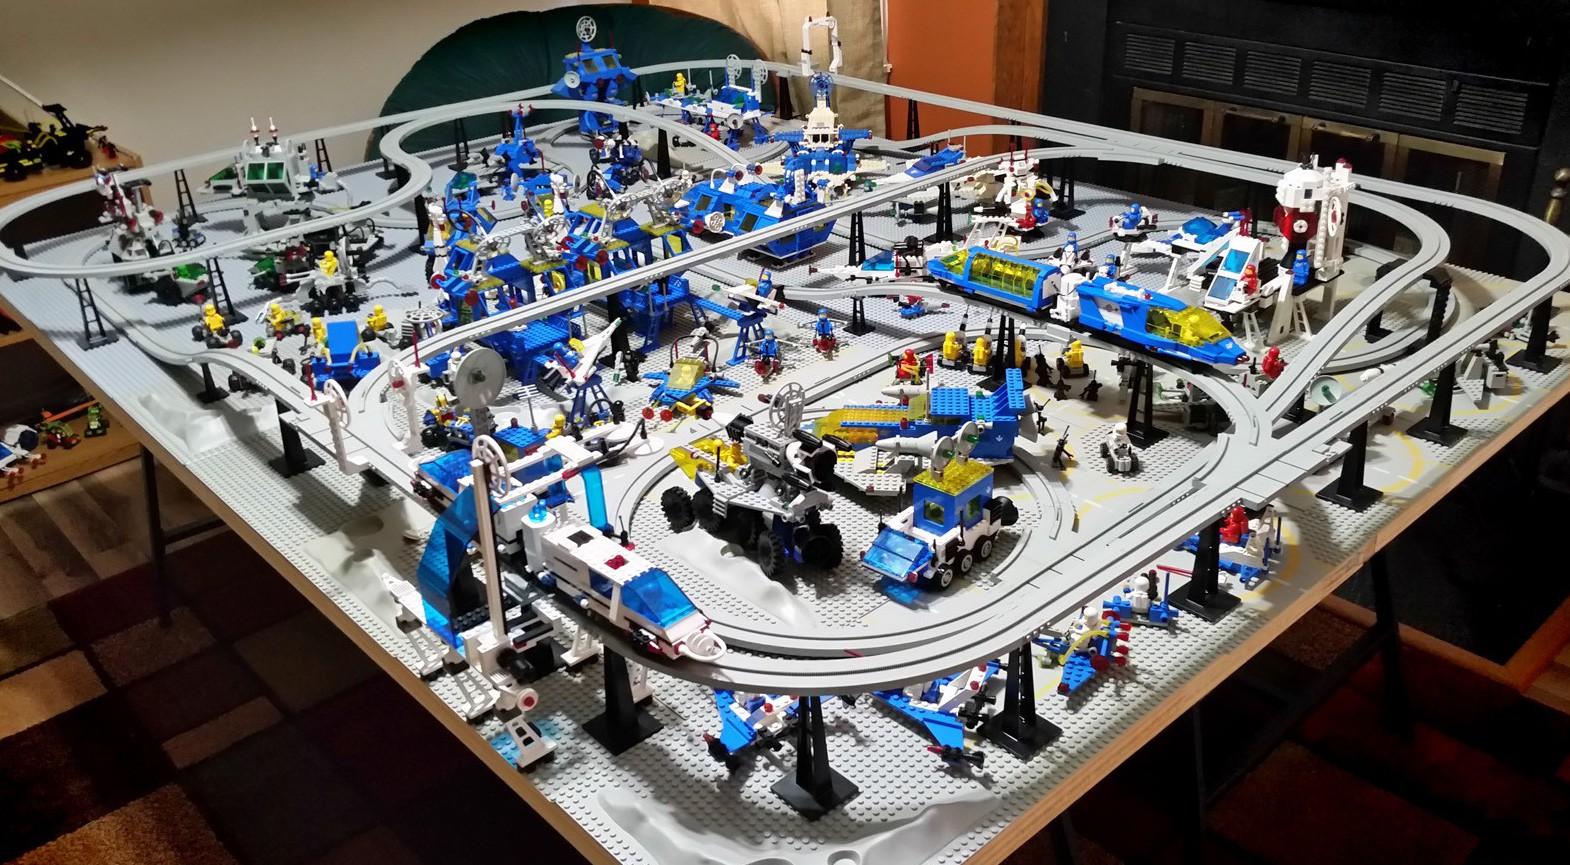 Ngắm 15 công trình LEGO tỉ mỉ khiến cả người không chơi cũng mê tít - Ảnh 27.